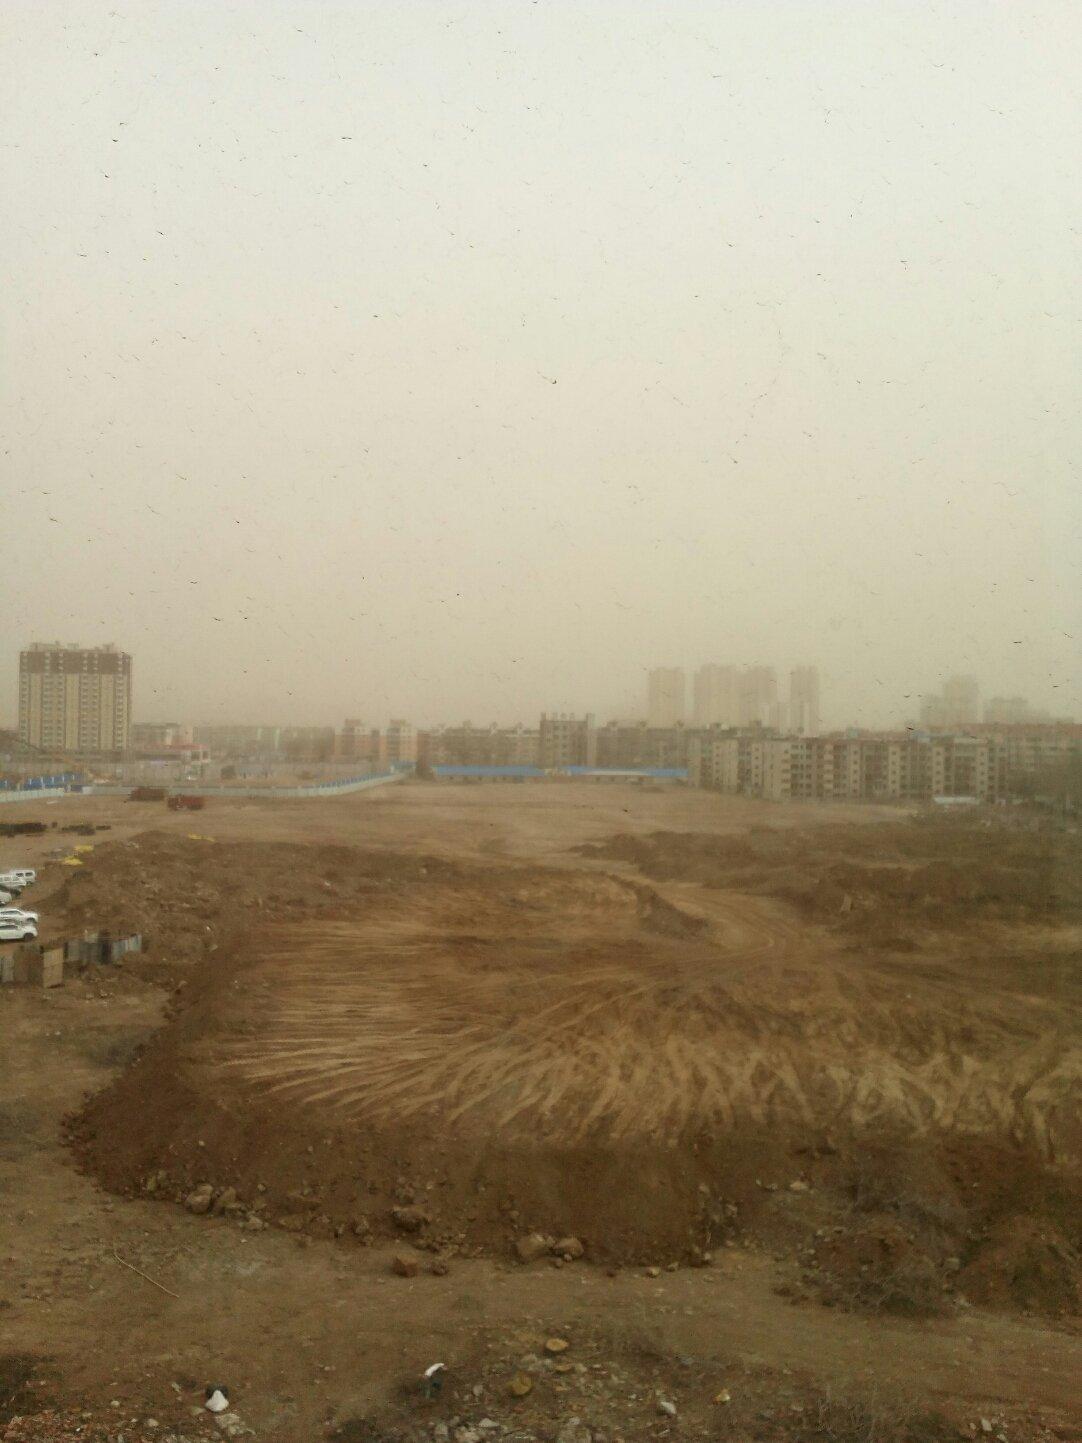 辽宁省锦州市凌河区延安路靠近锦州嘉丰商贸有限公司天气预报